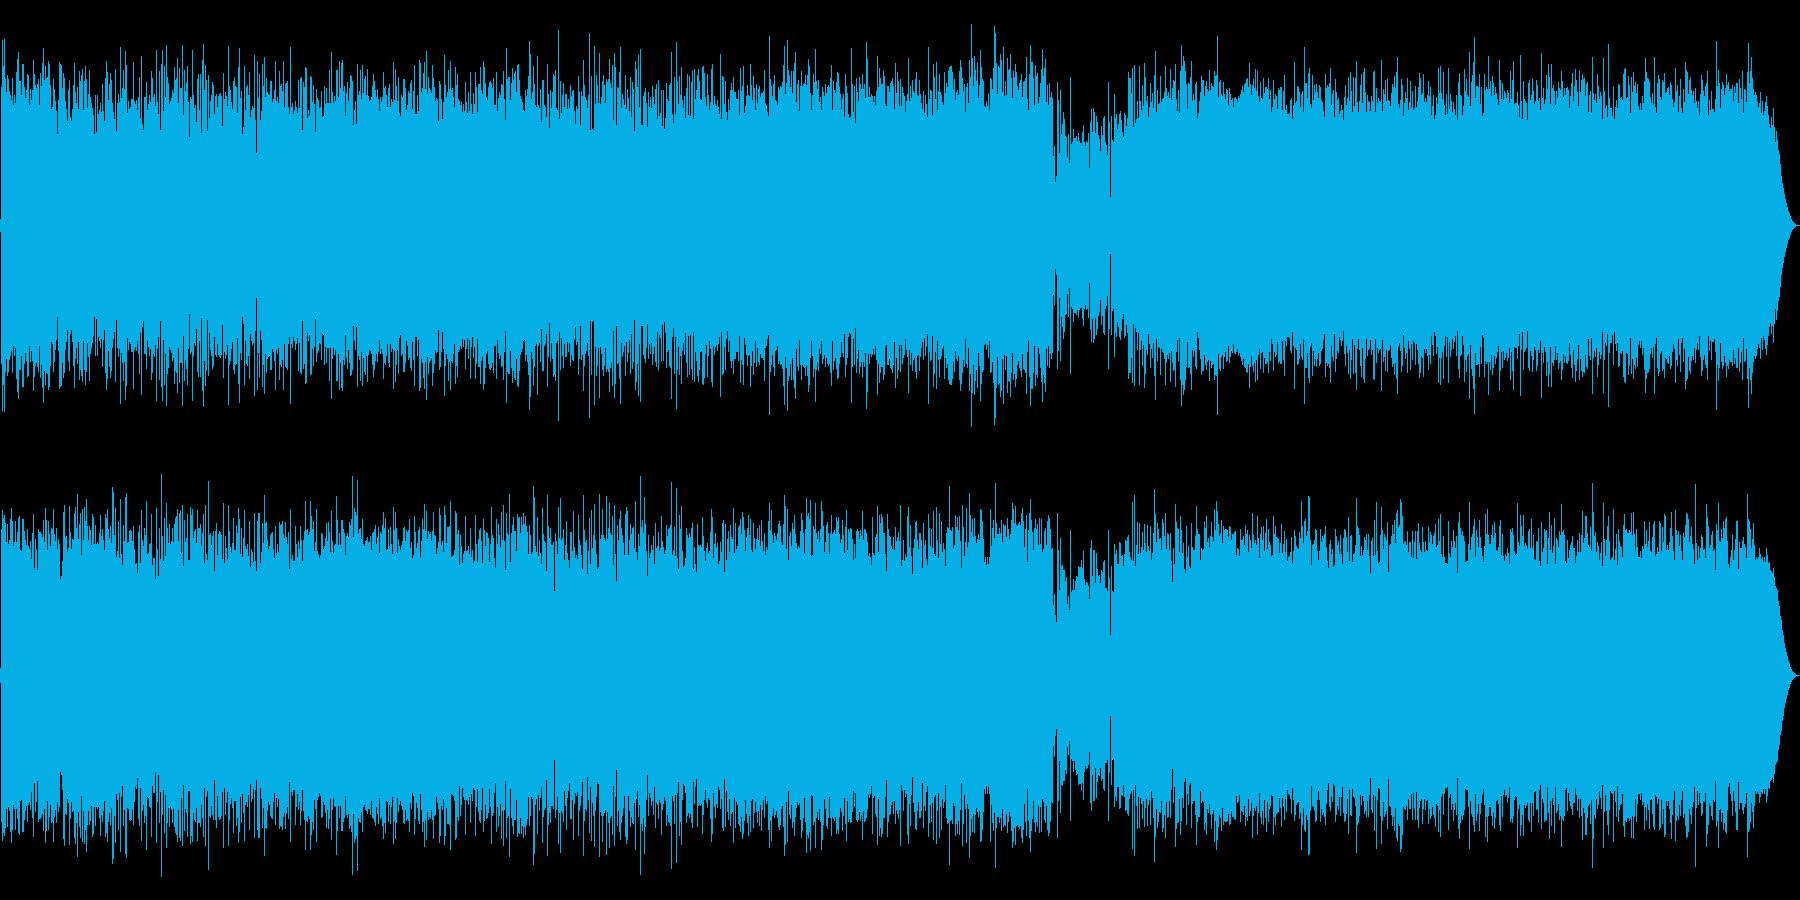 エレキギター メインの楽曲の再生済みの波形